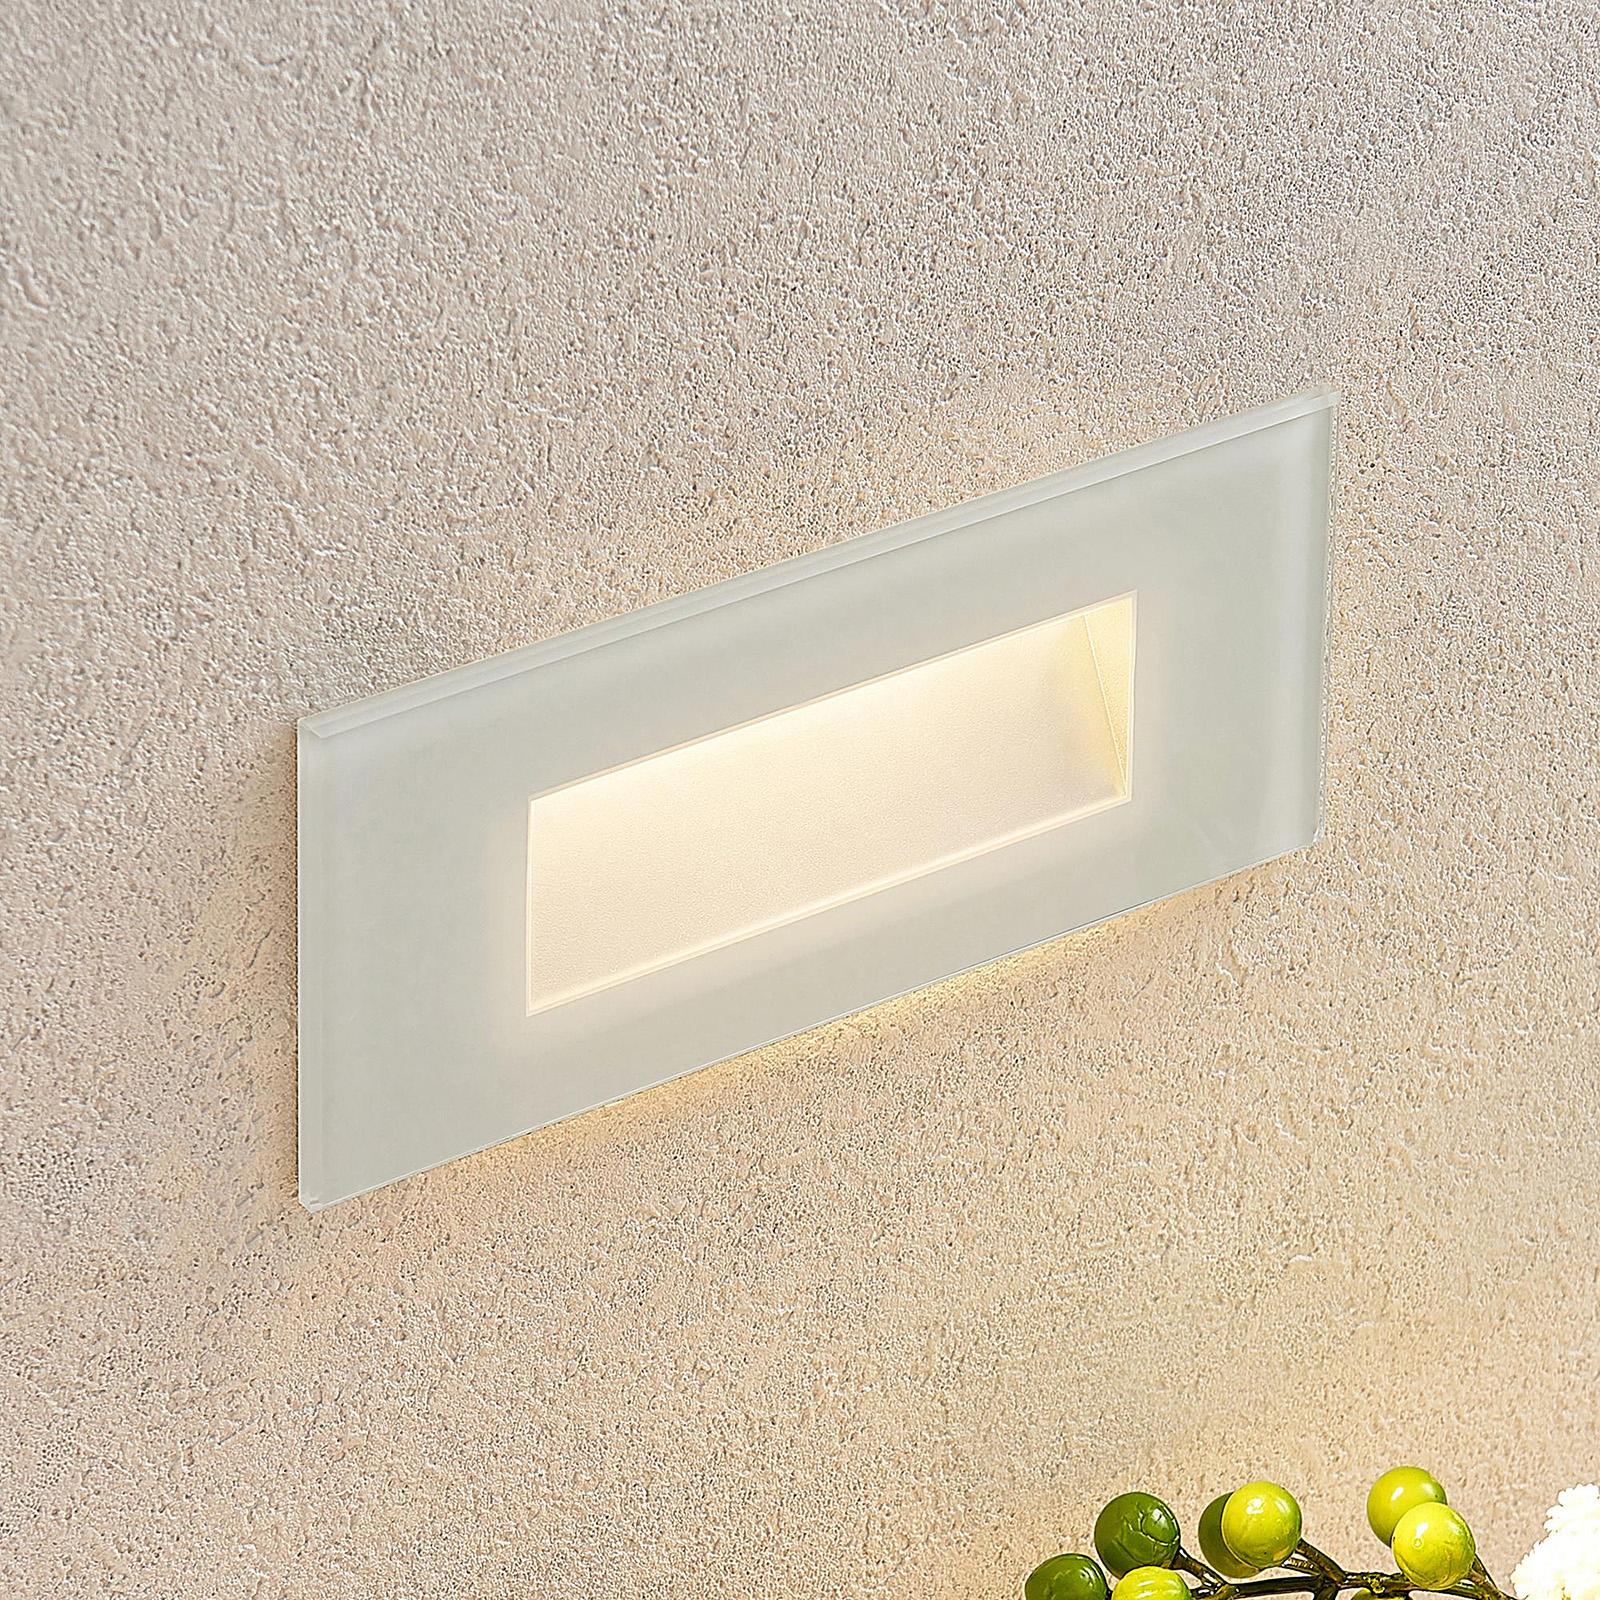 Oprawa wpuszczana ścienna LED Jody, 19 cm